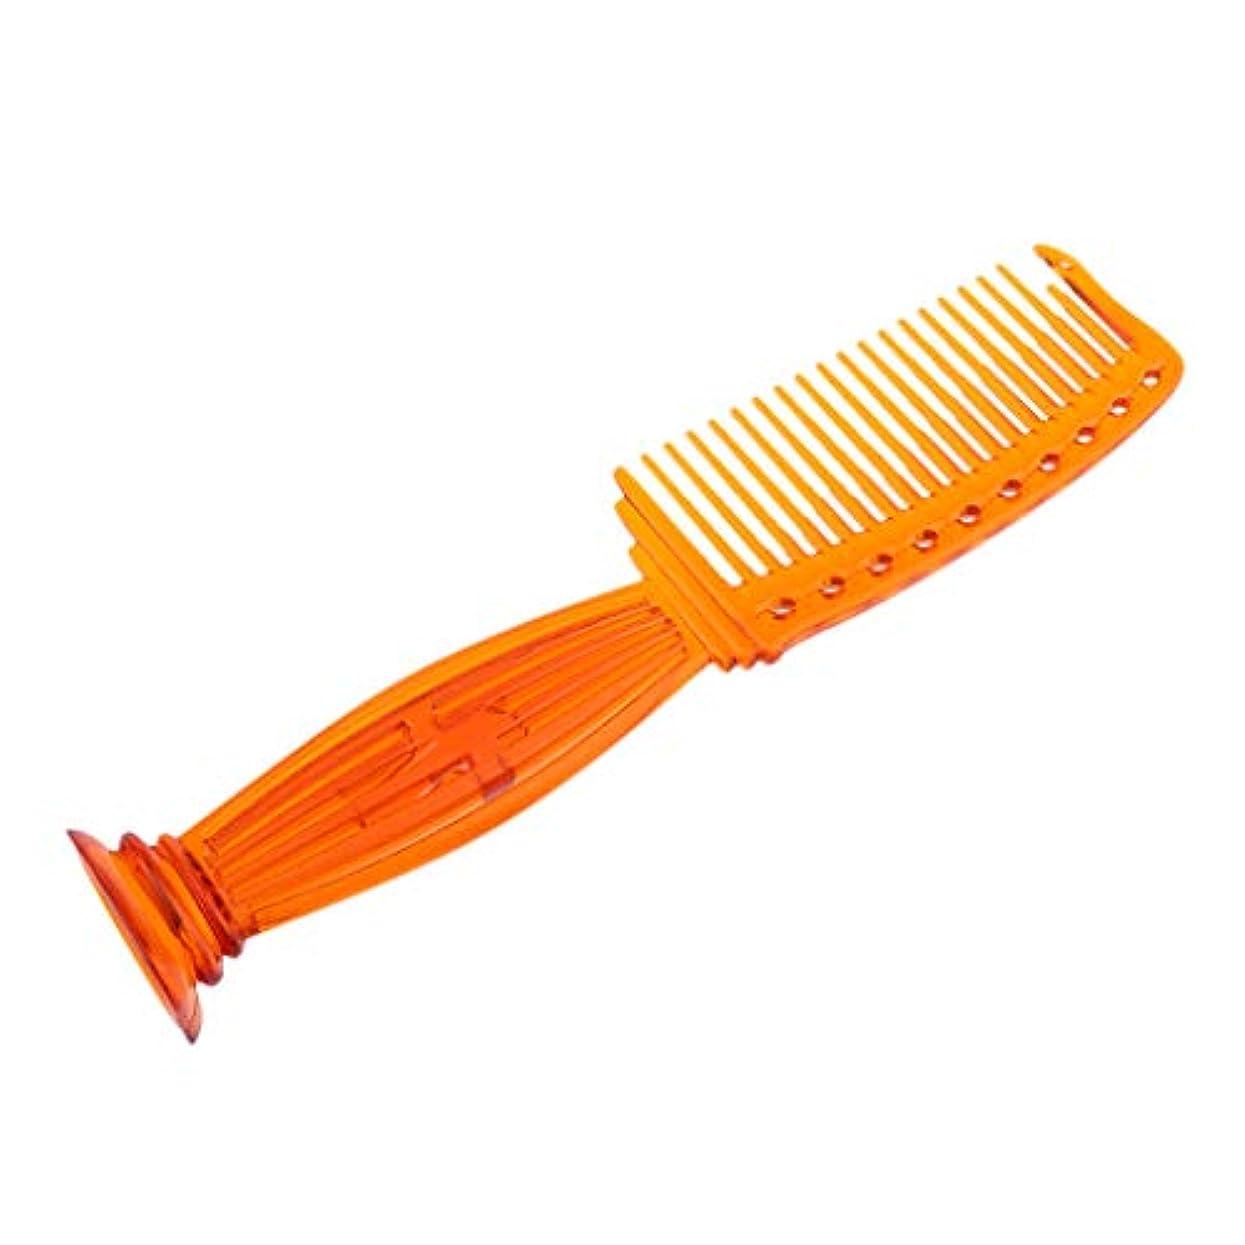 オーナメント摂氏度火曜日ヘアコーム ヘアブラシ プラスチック櫛 ワイド歯 プロ ヘアサロン 理髪師 全5色選べ - オレンジ